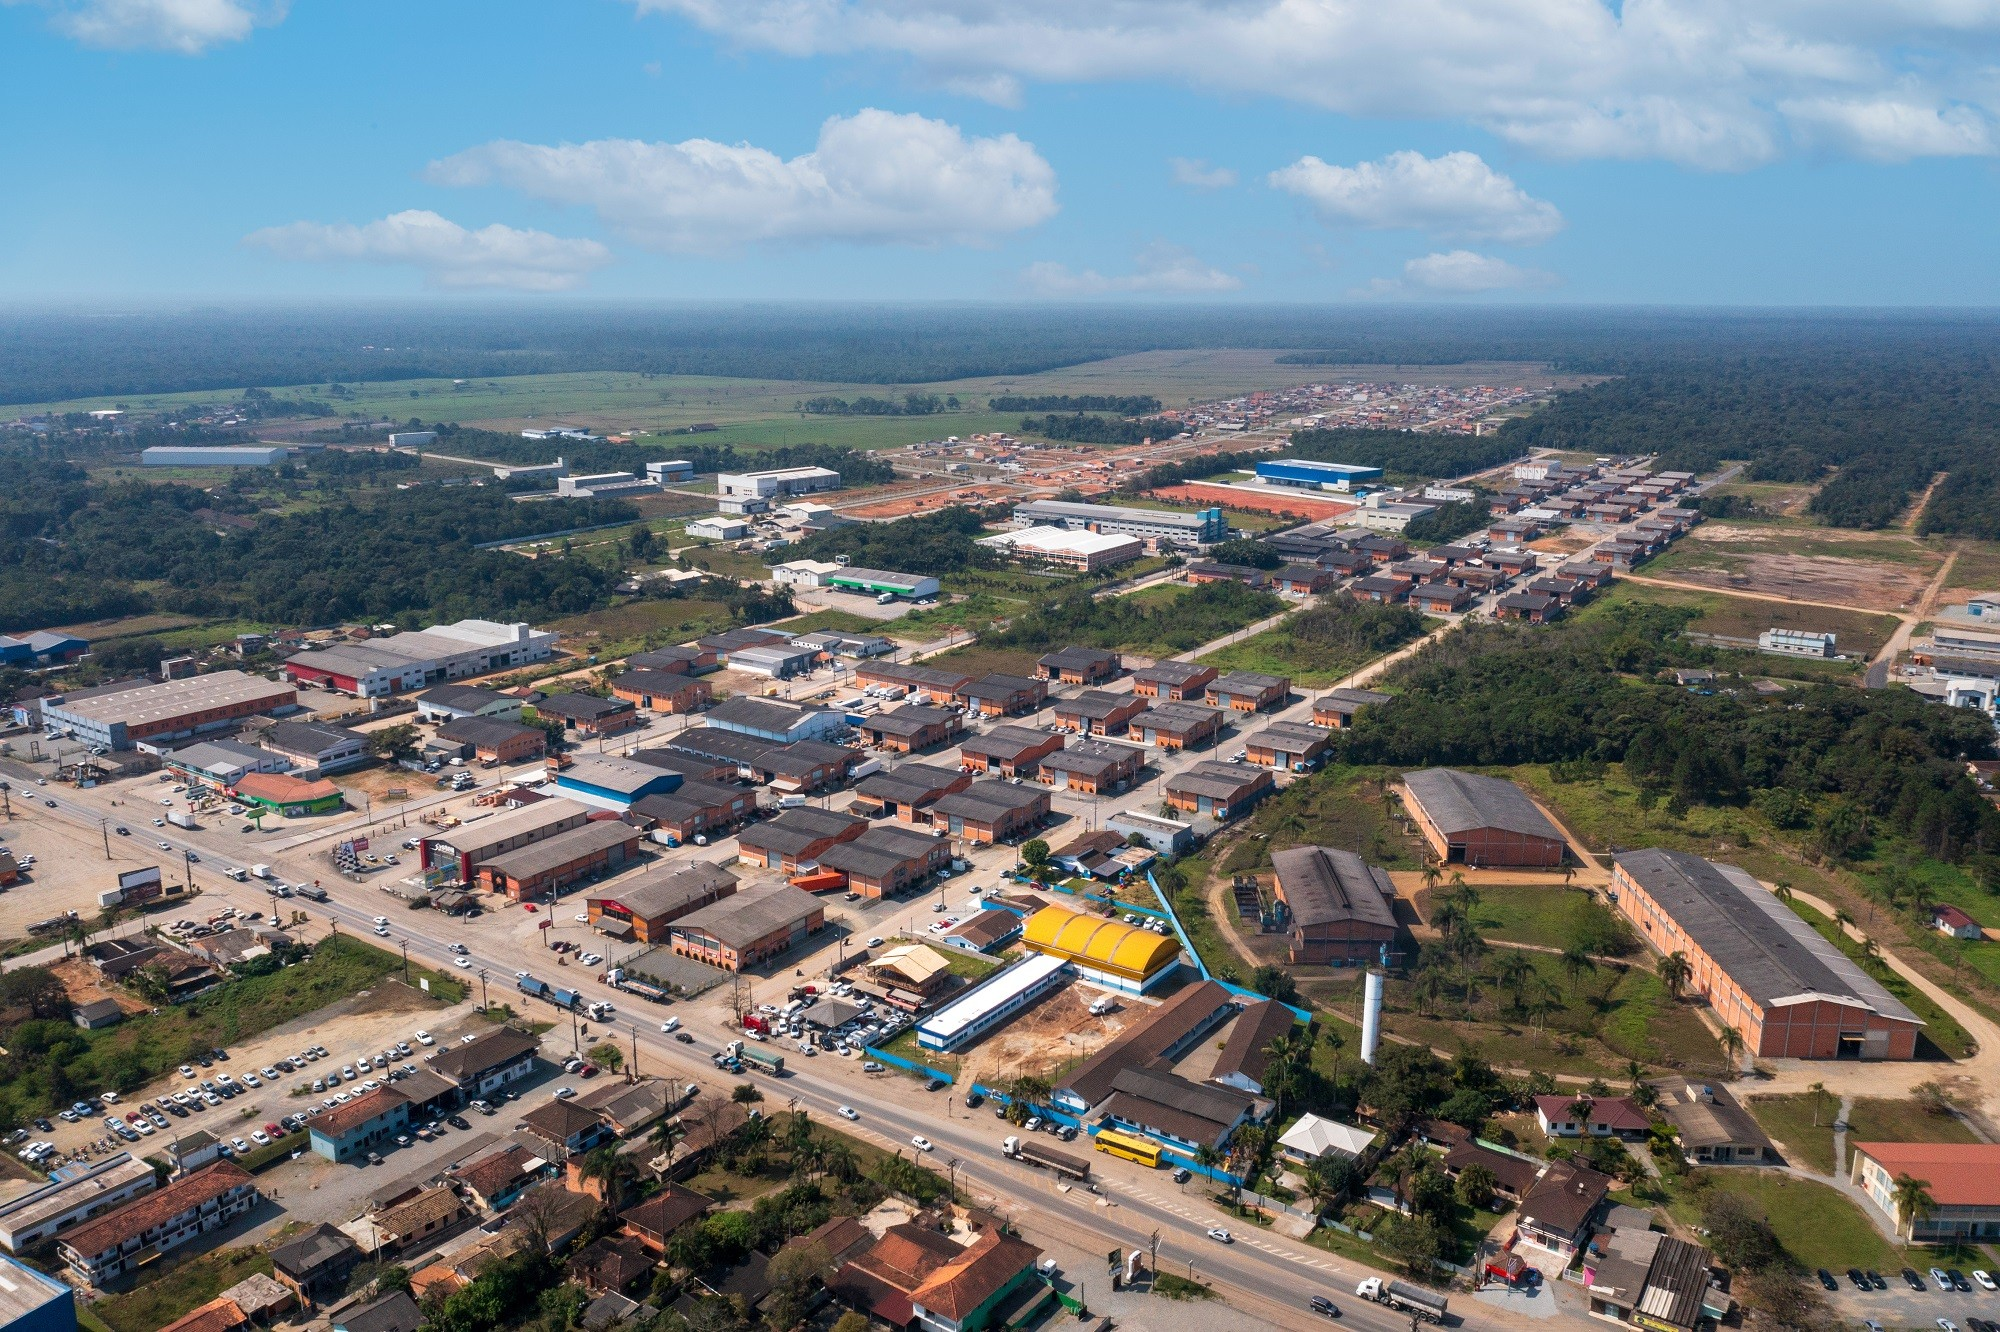 Incentivos fiscais e menos burocracia são atrativos para deseja abrir uma empresa em empresas em Araquari